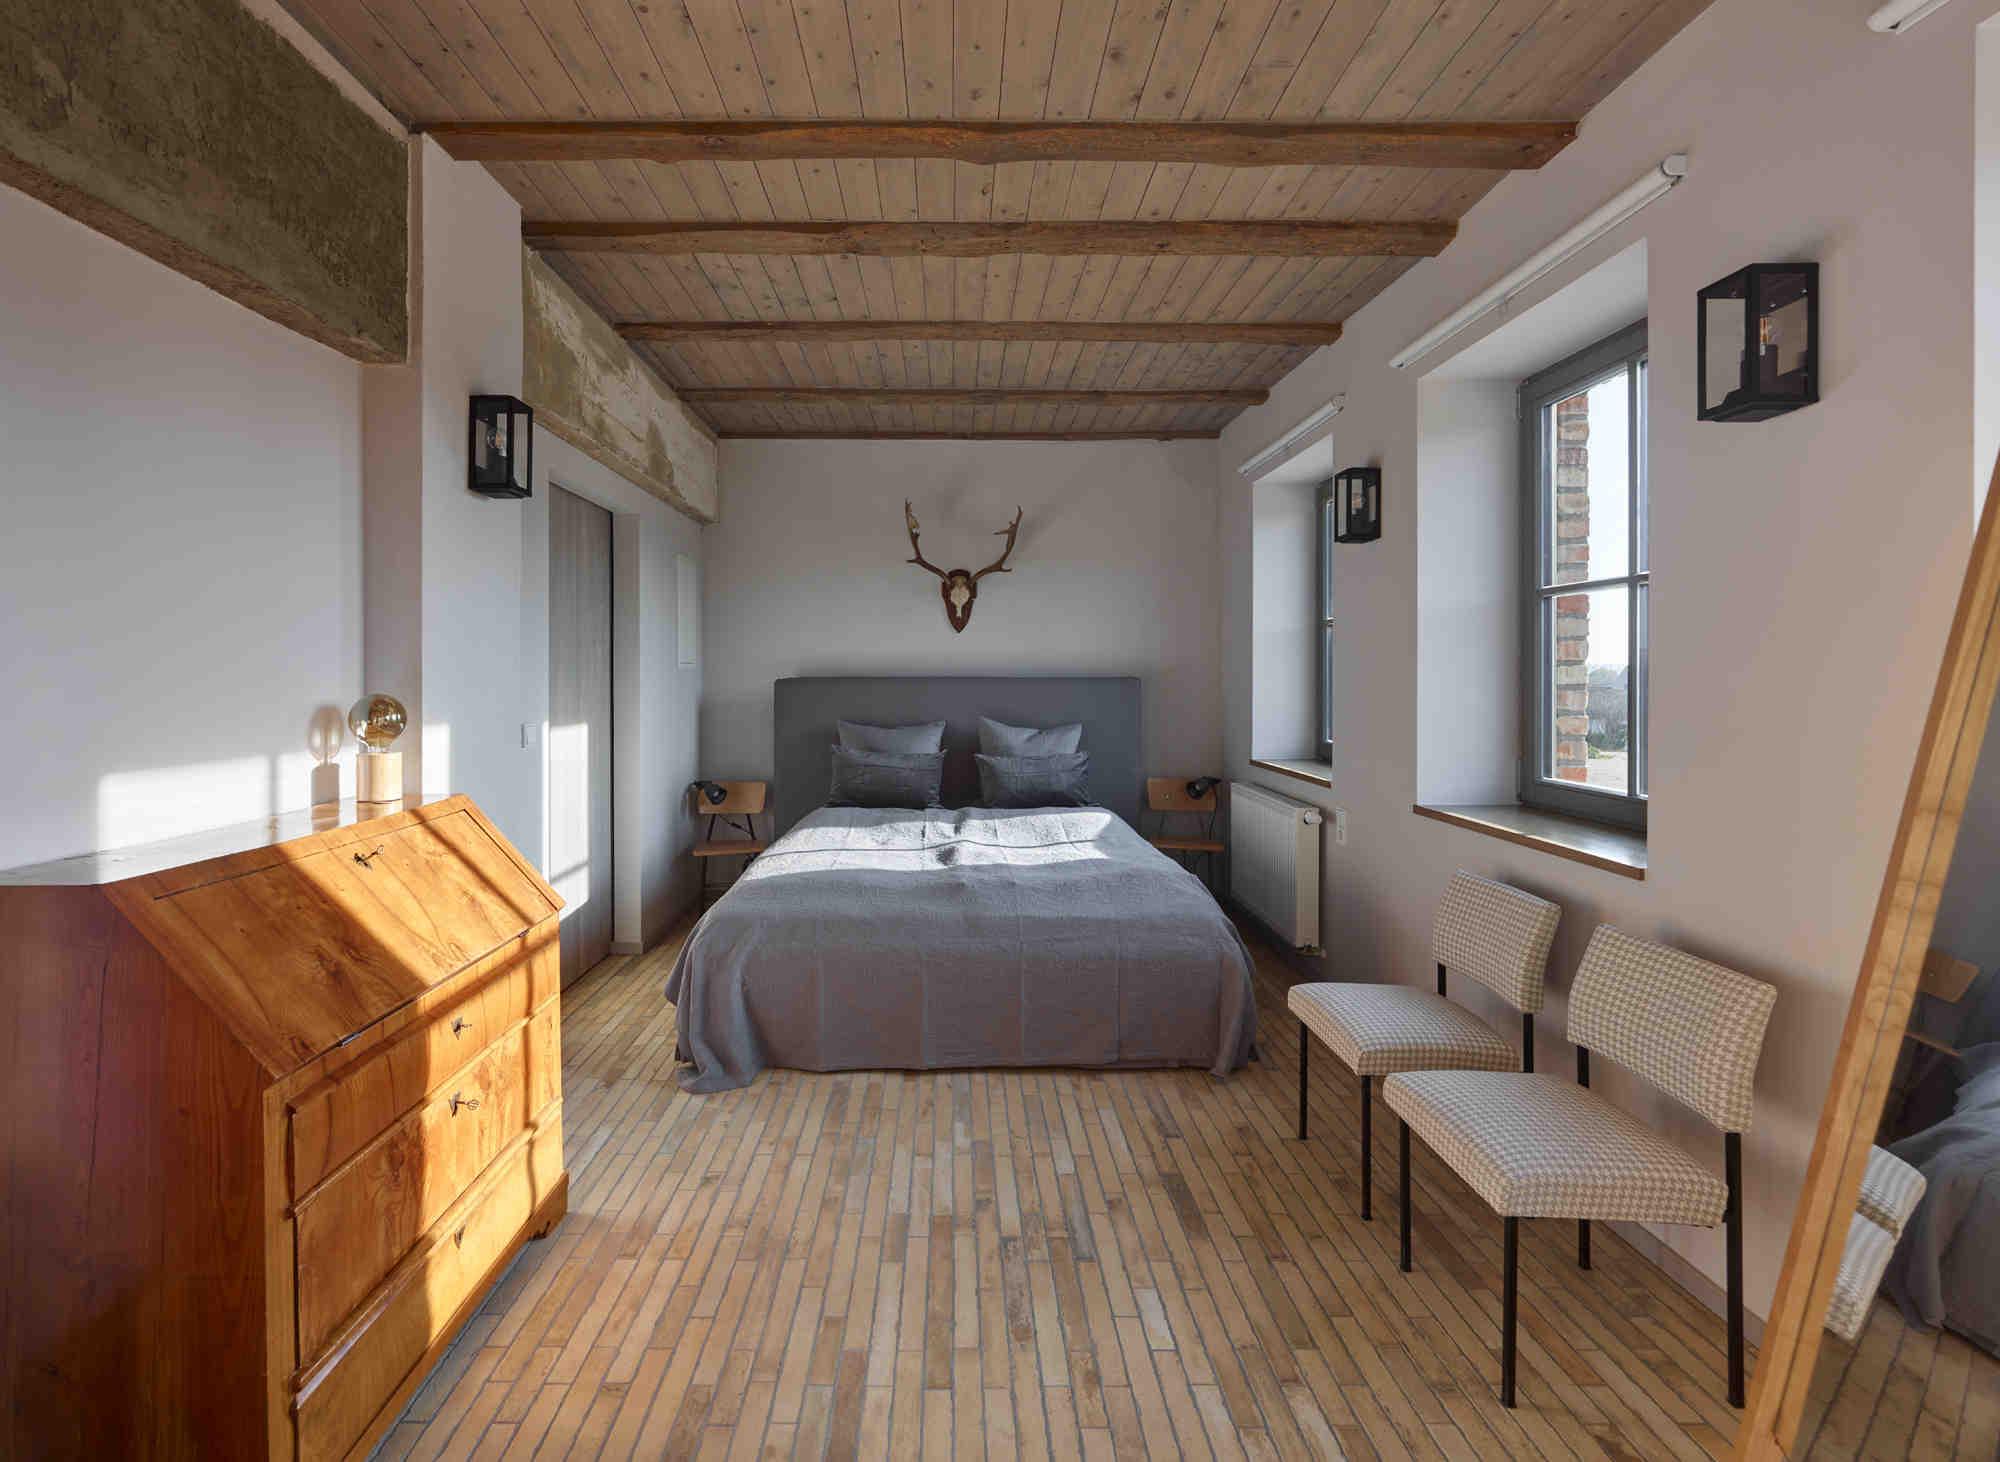 uckermark-Gutshof-fredenwalde-ferienwohnung-schwanenteich-schlafzimmer